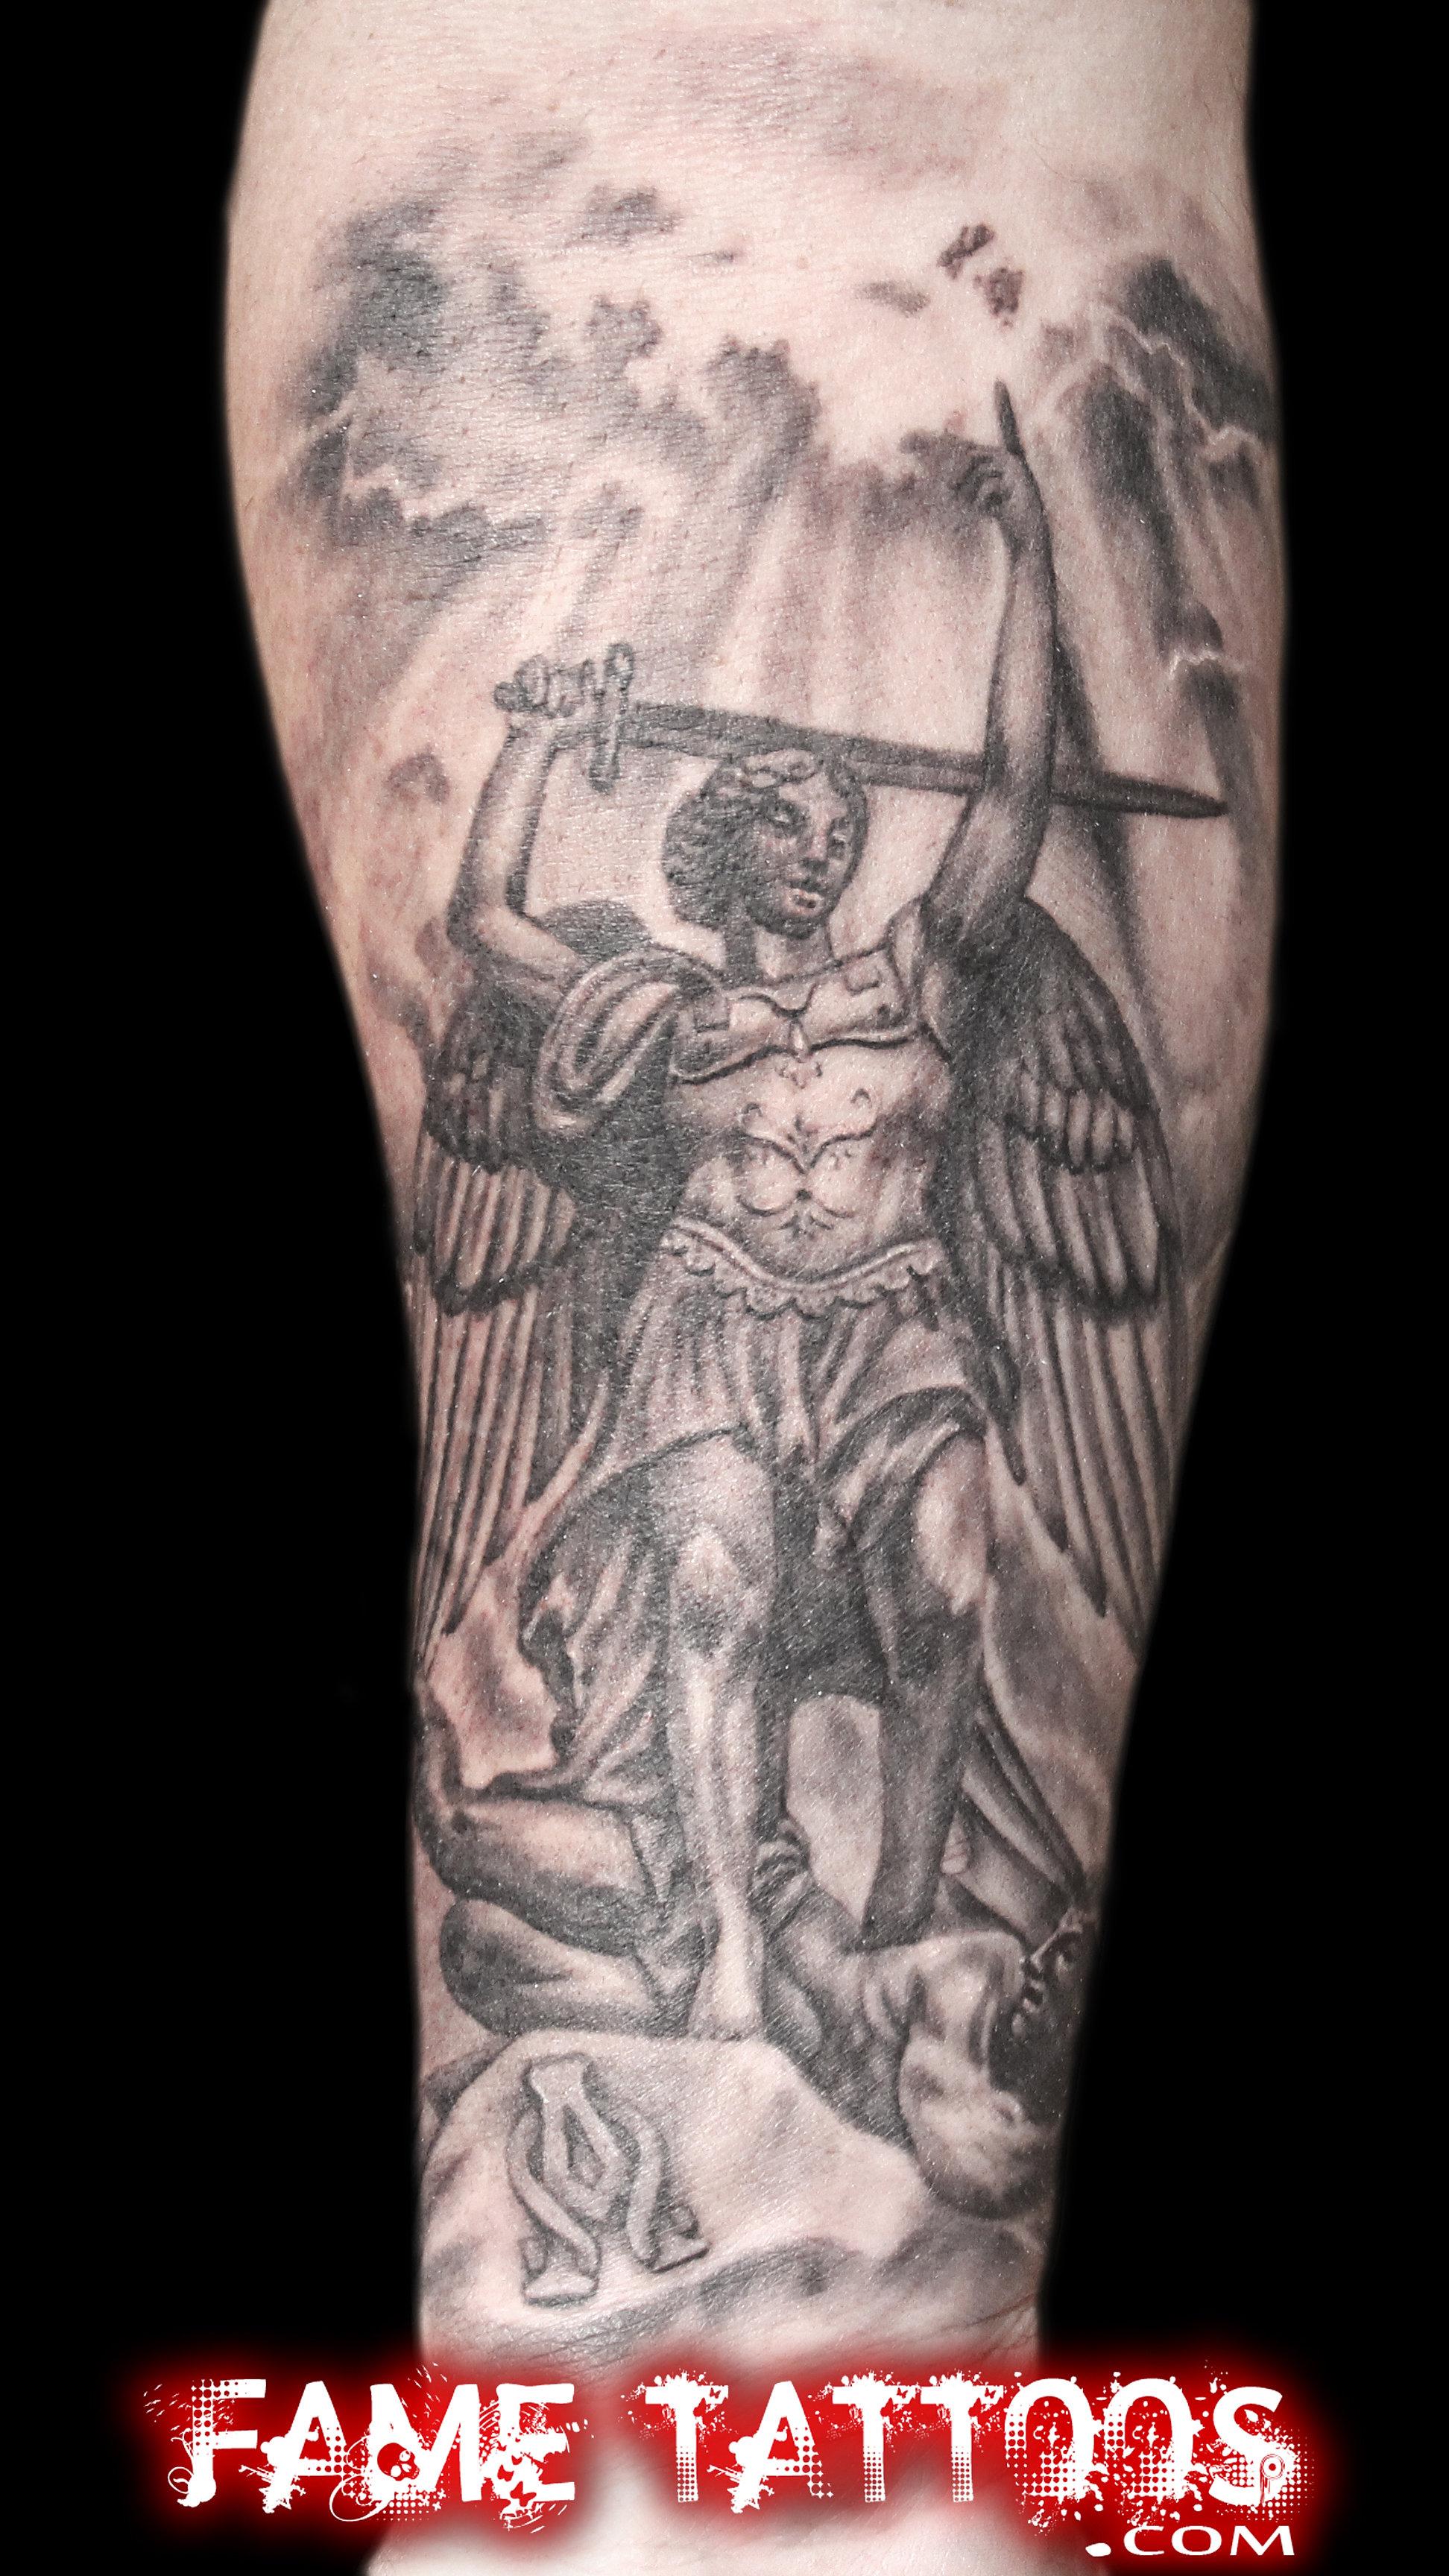 Fame tattoos best tattoo artist in miami miami tattoo for Tattoo shops in stl